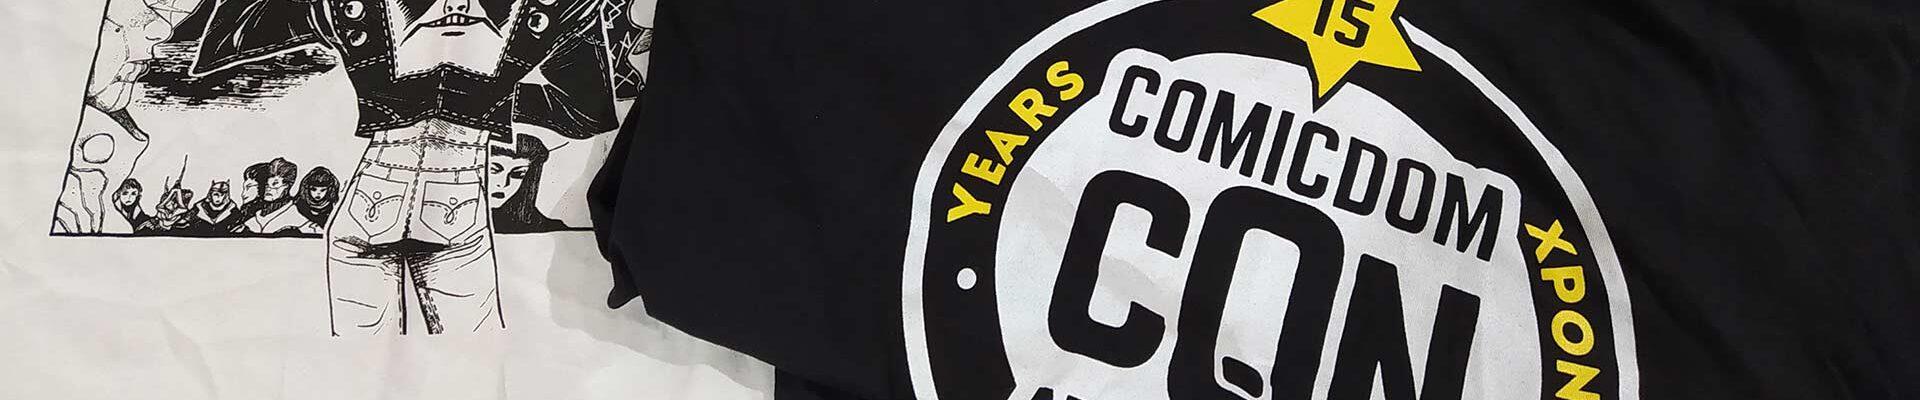 Comicdom Con Athens 2021 Merchandise